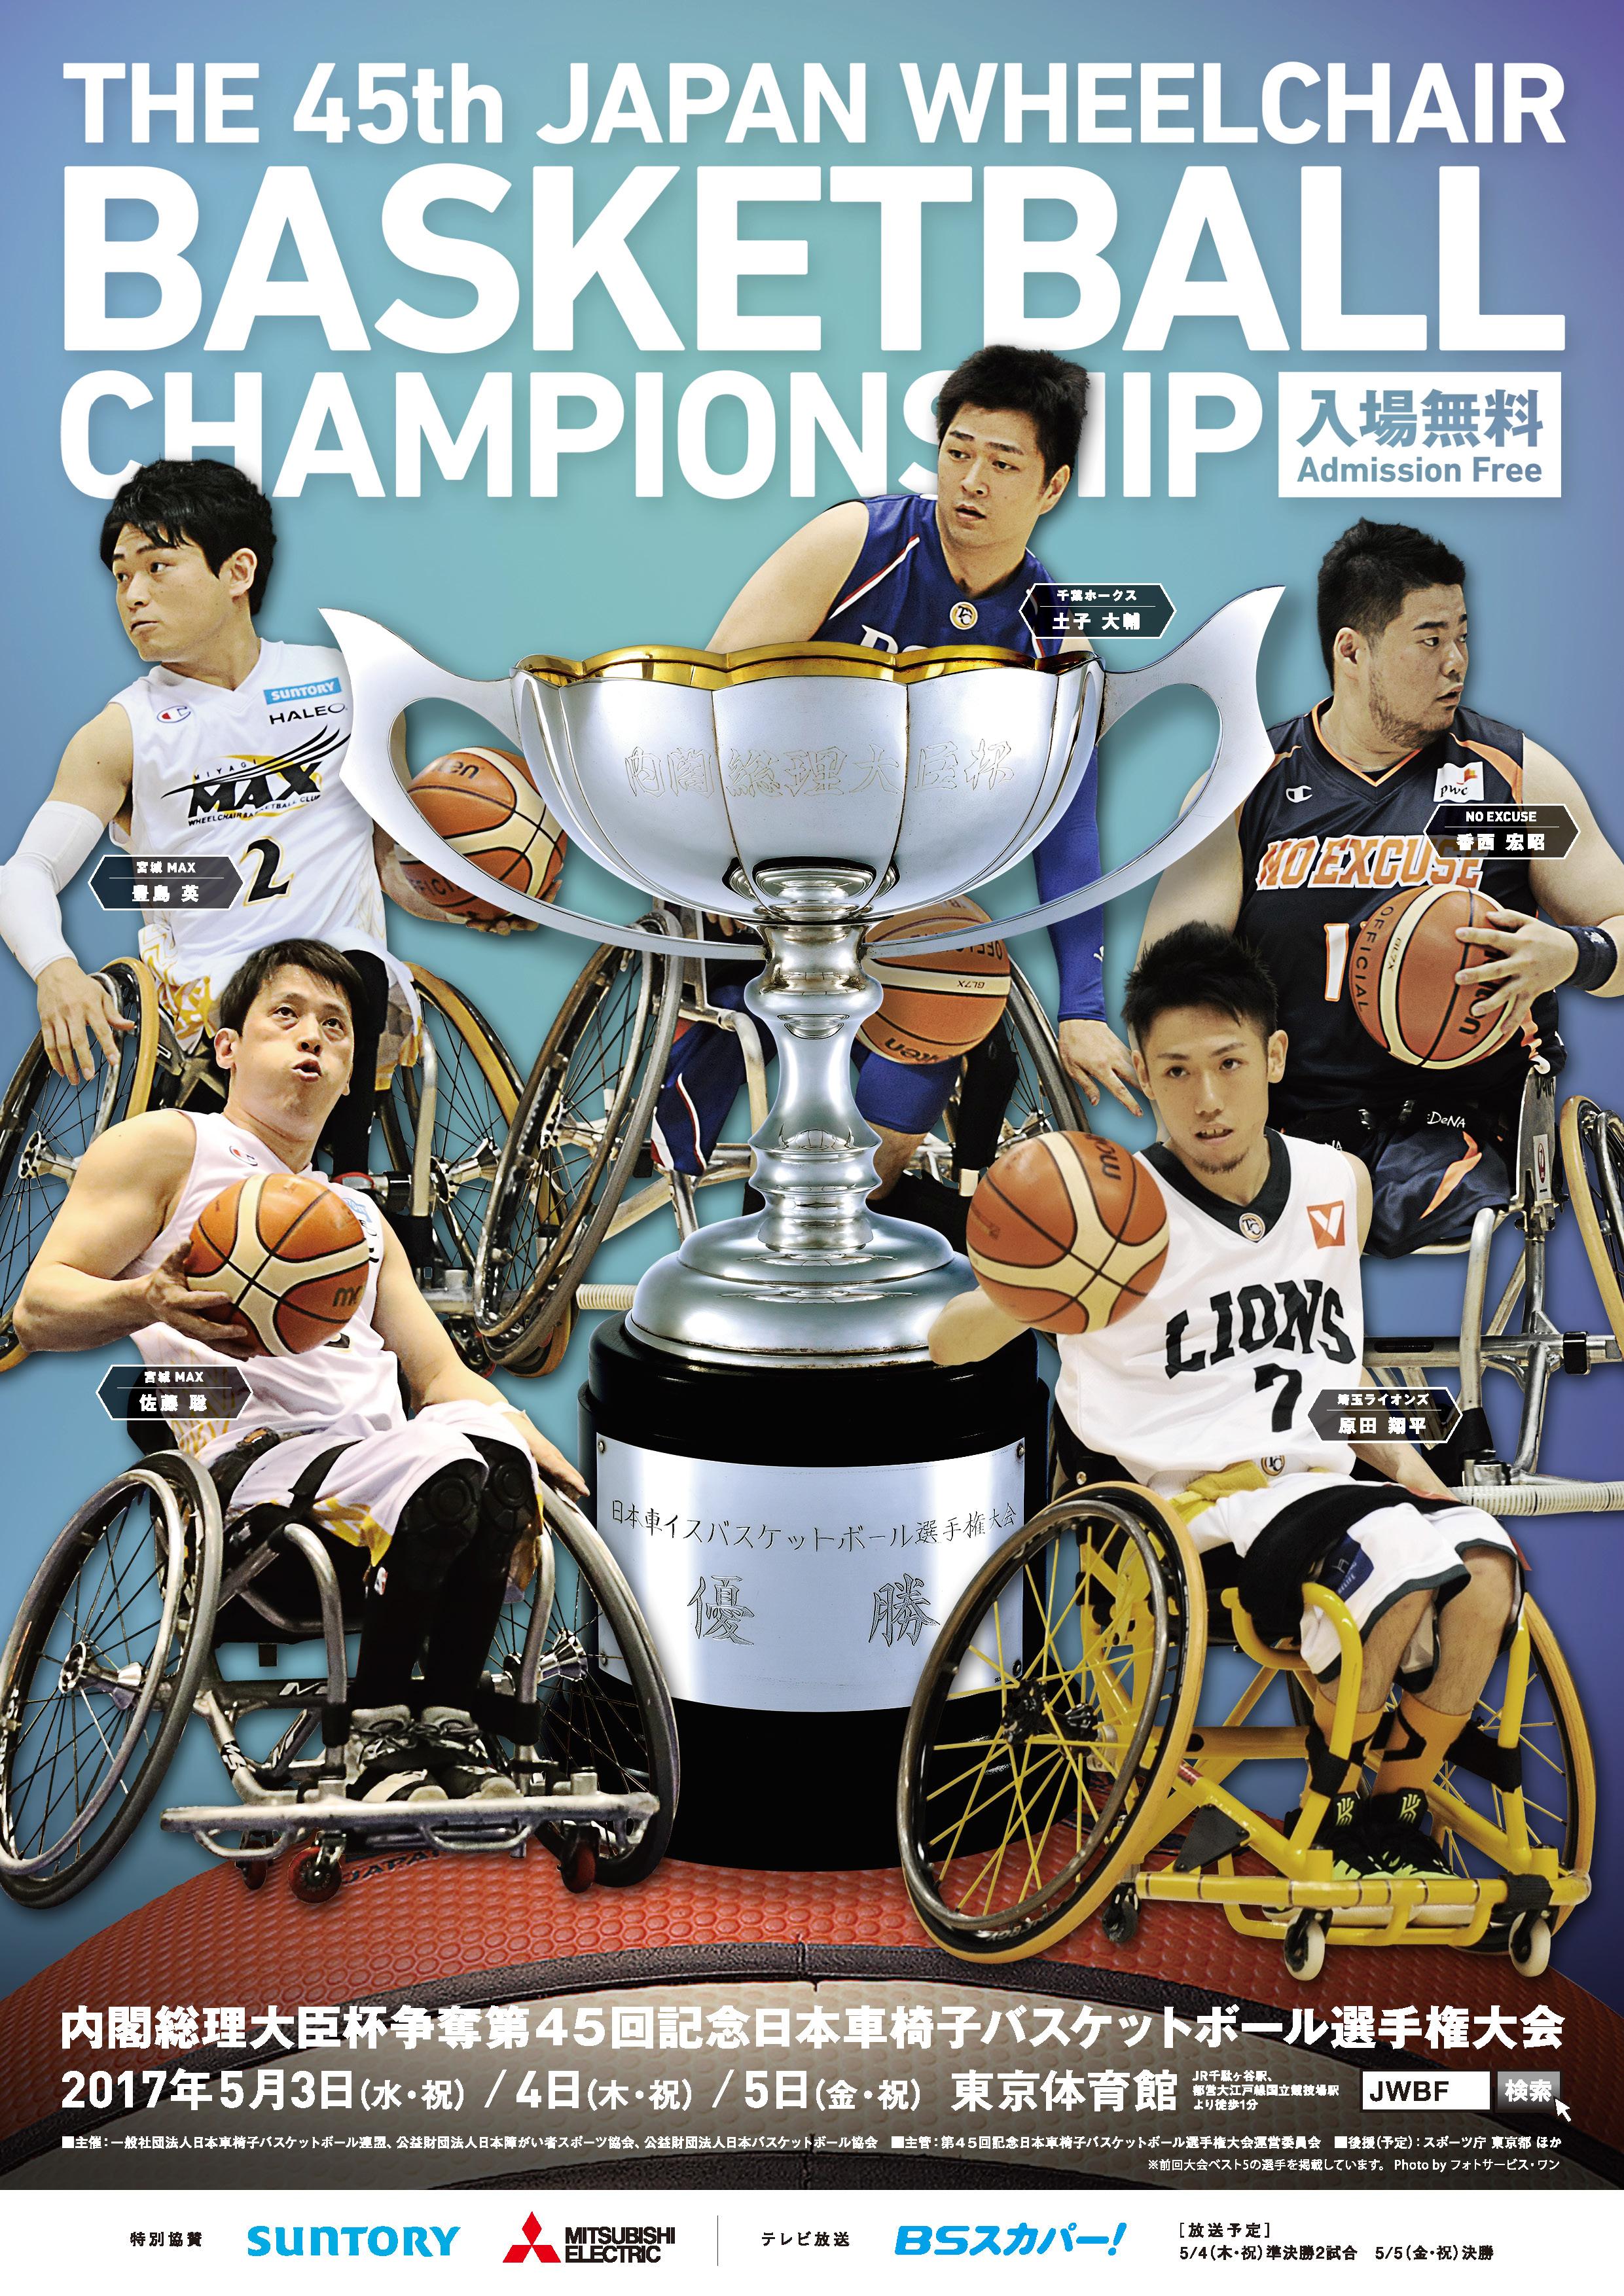 第45回日本車椅子バスケットボール選手権大会